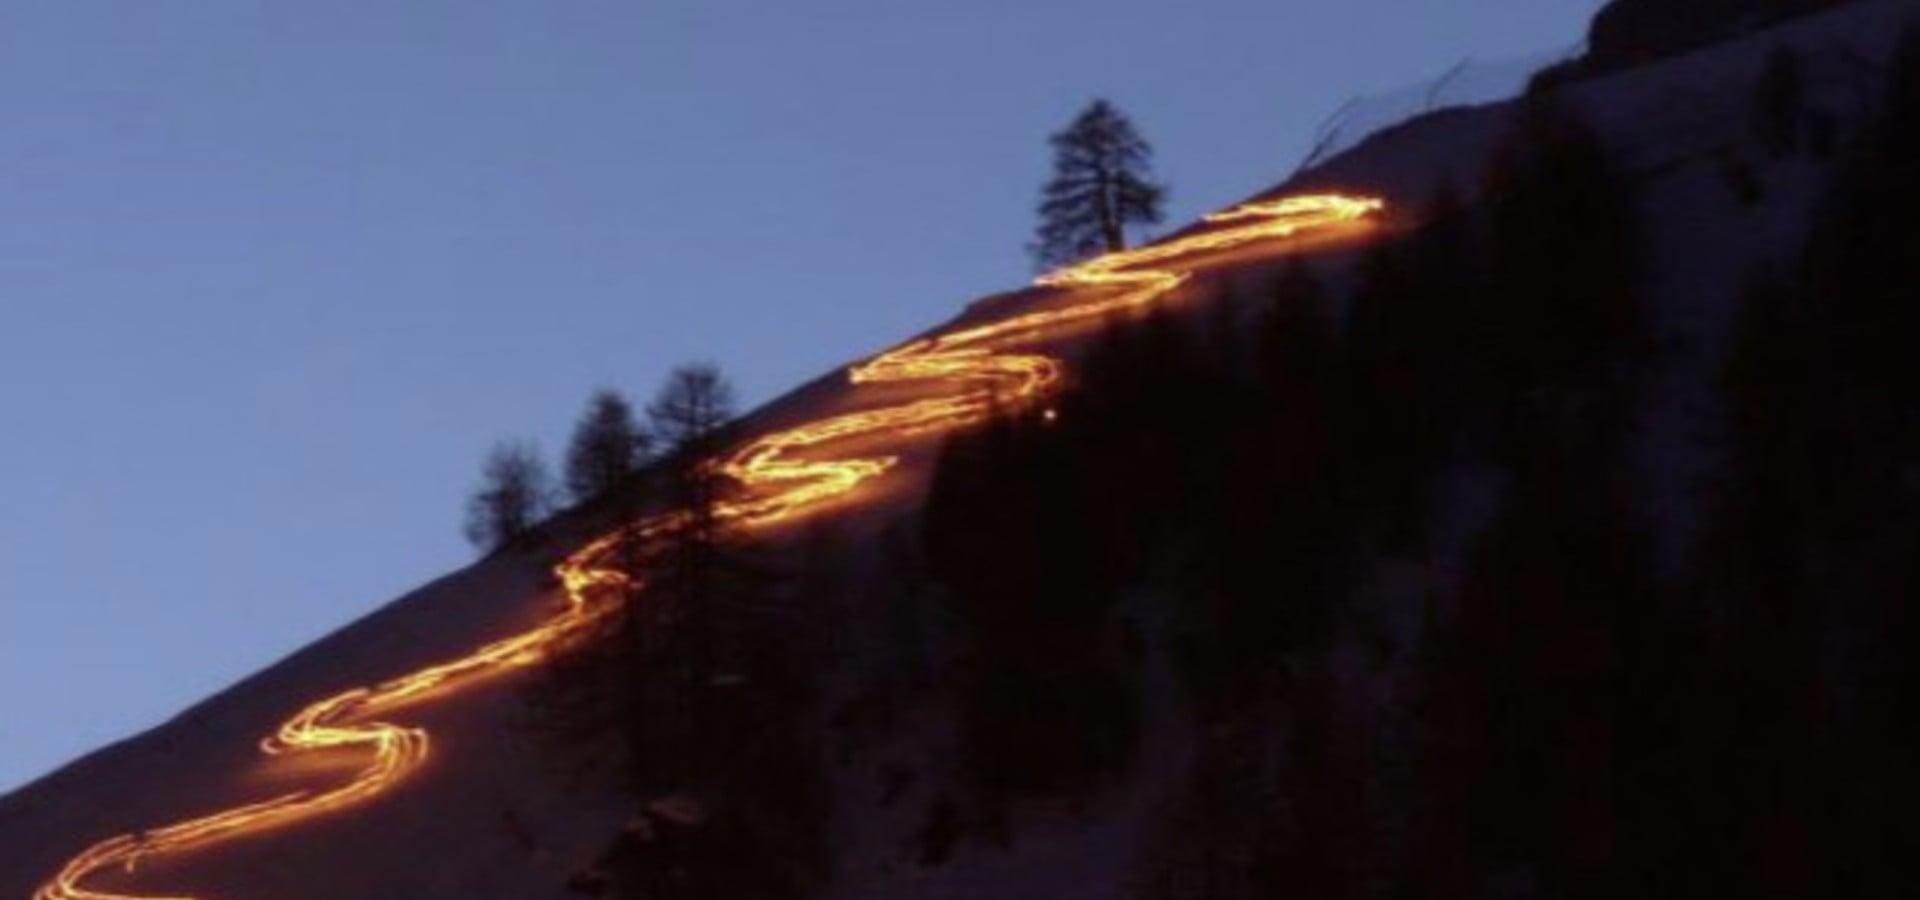 04.01.19 Epiphany torchlight parade